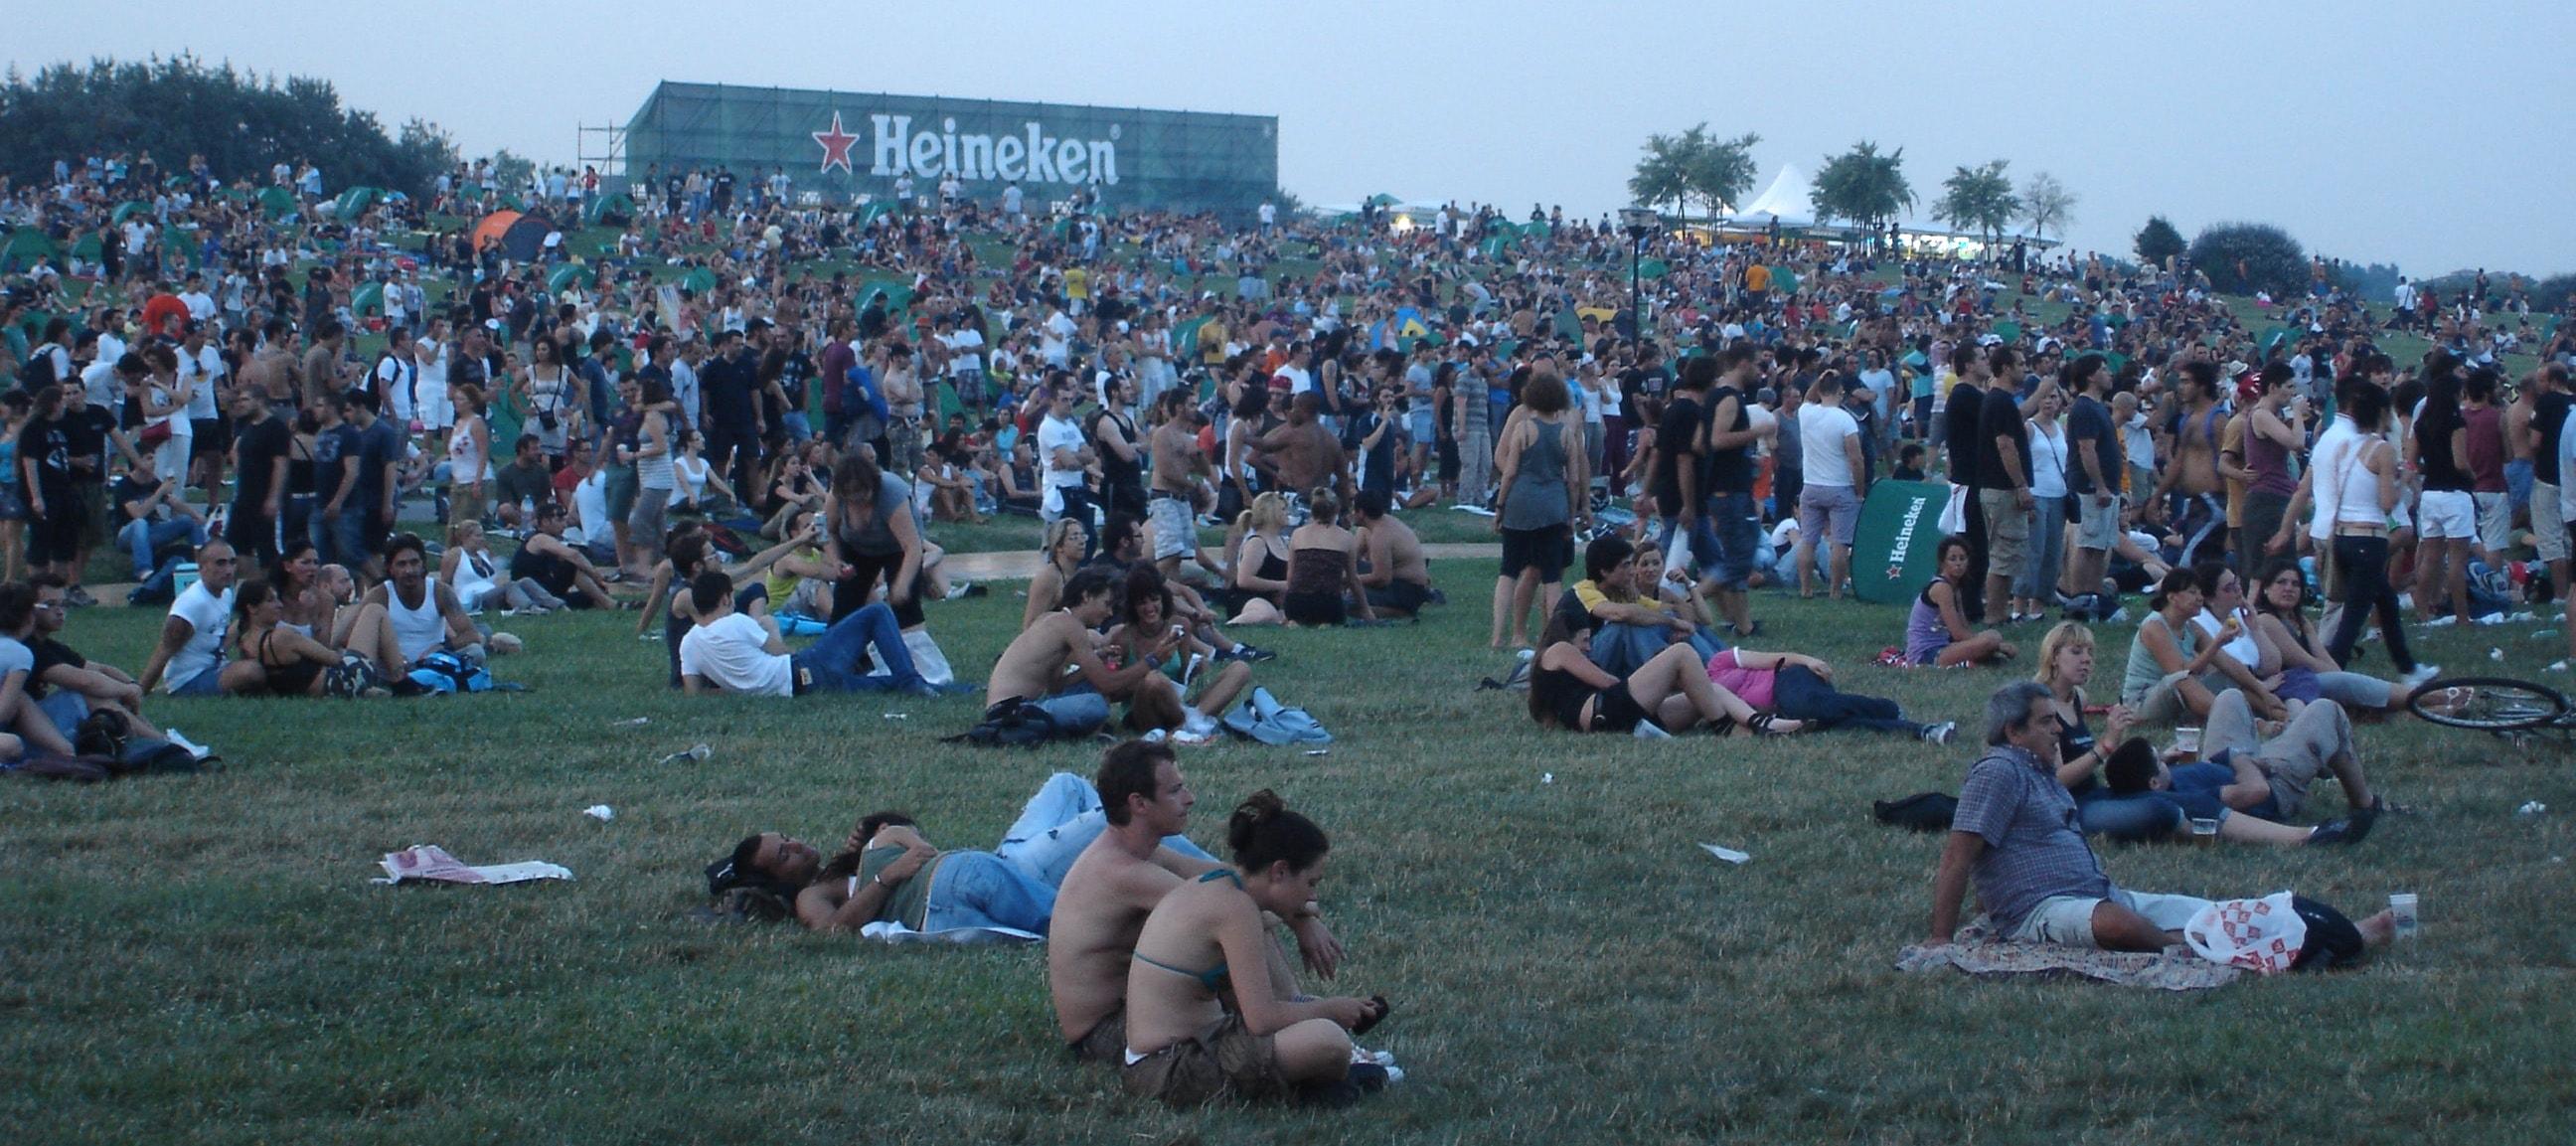 Heineken Music Festival